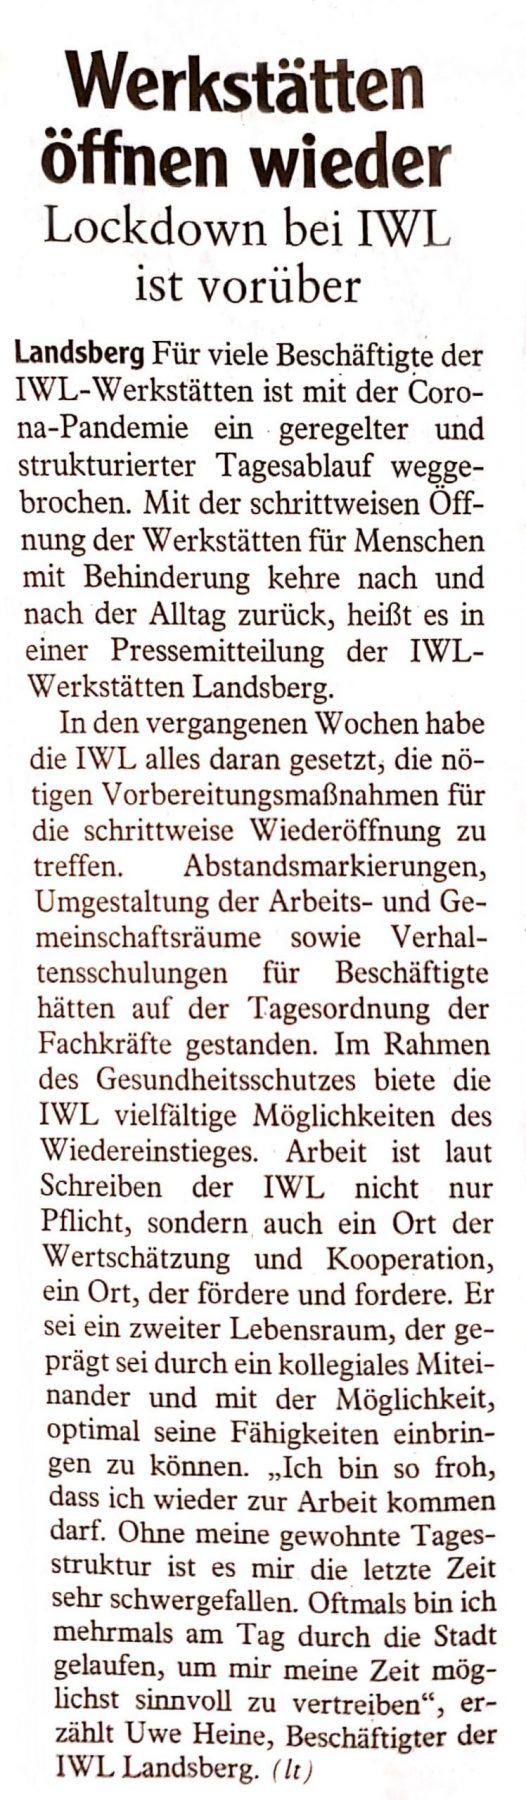 Corona Lockerungen IWL Landsberger Tagblatt